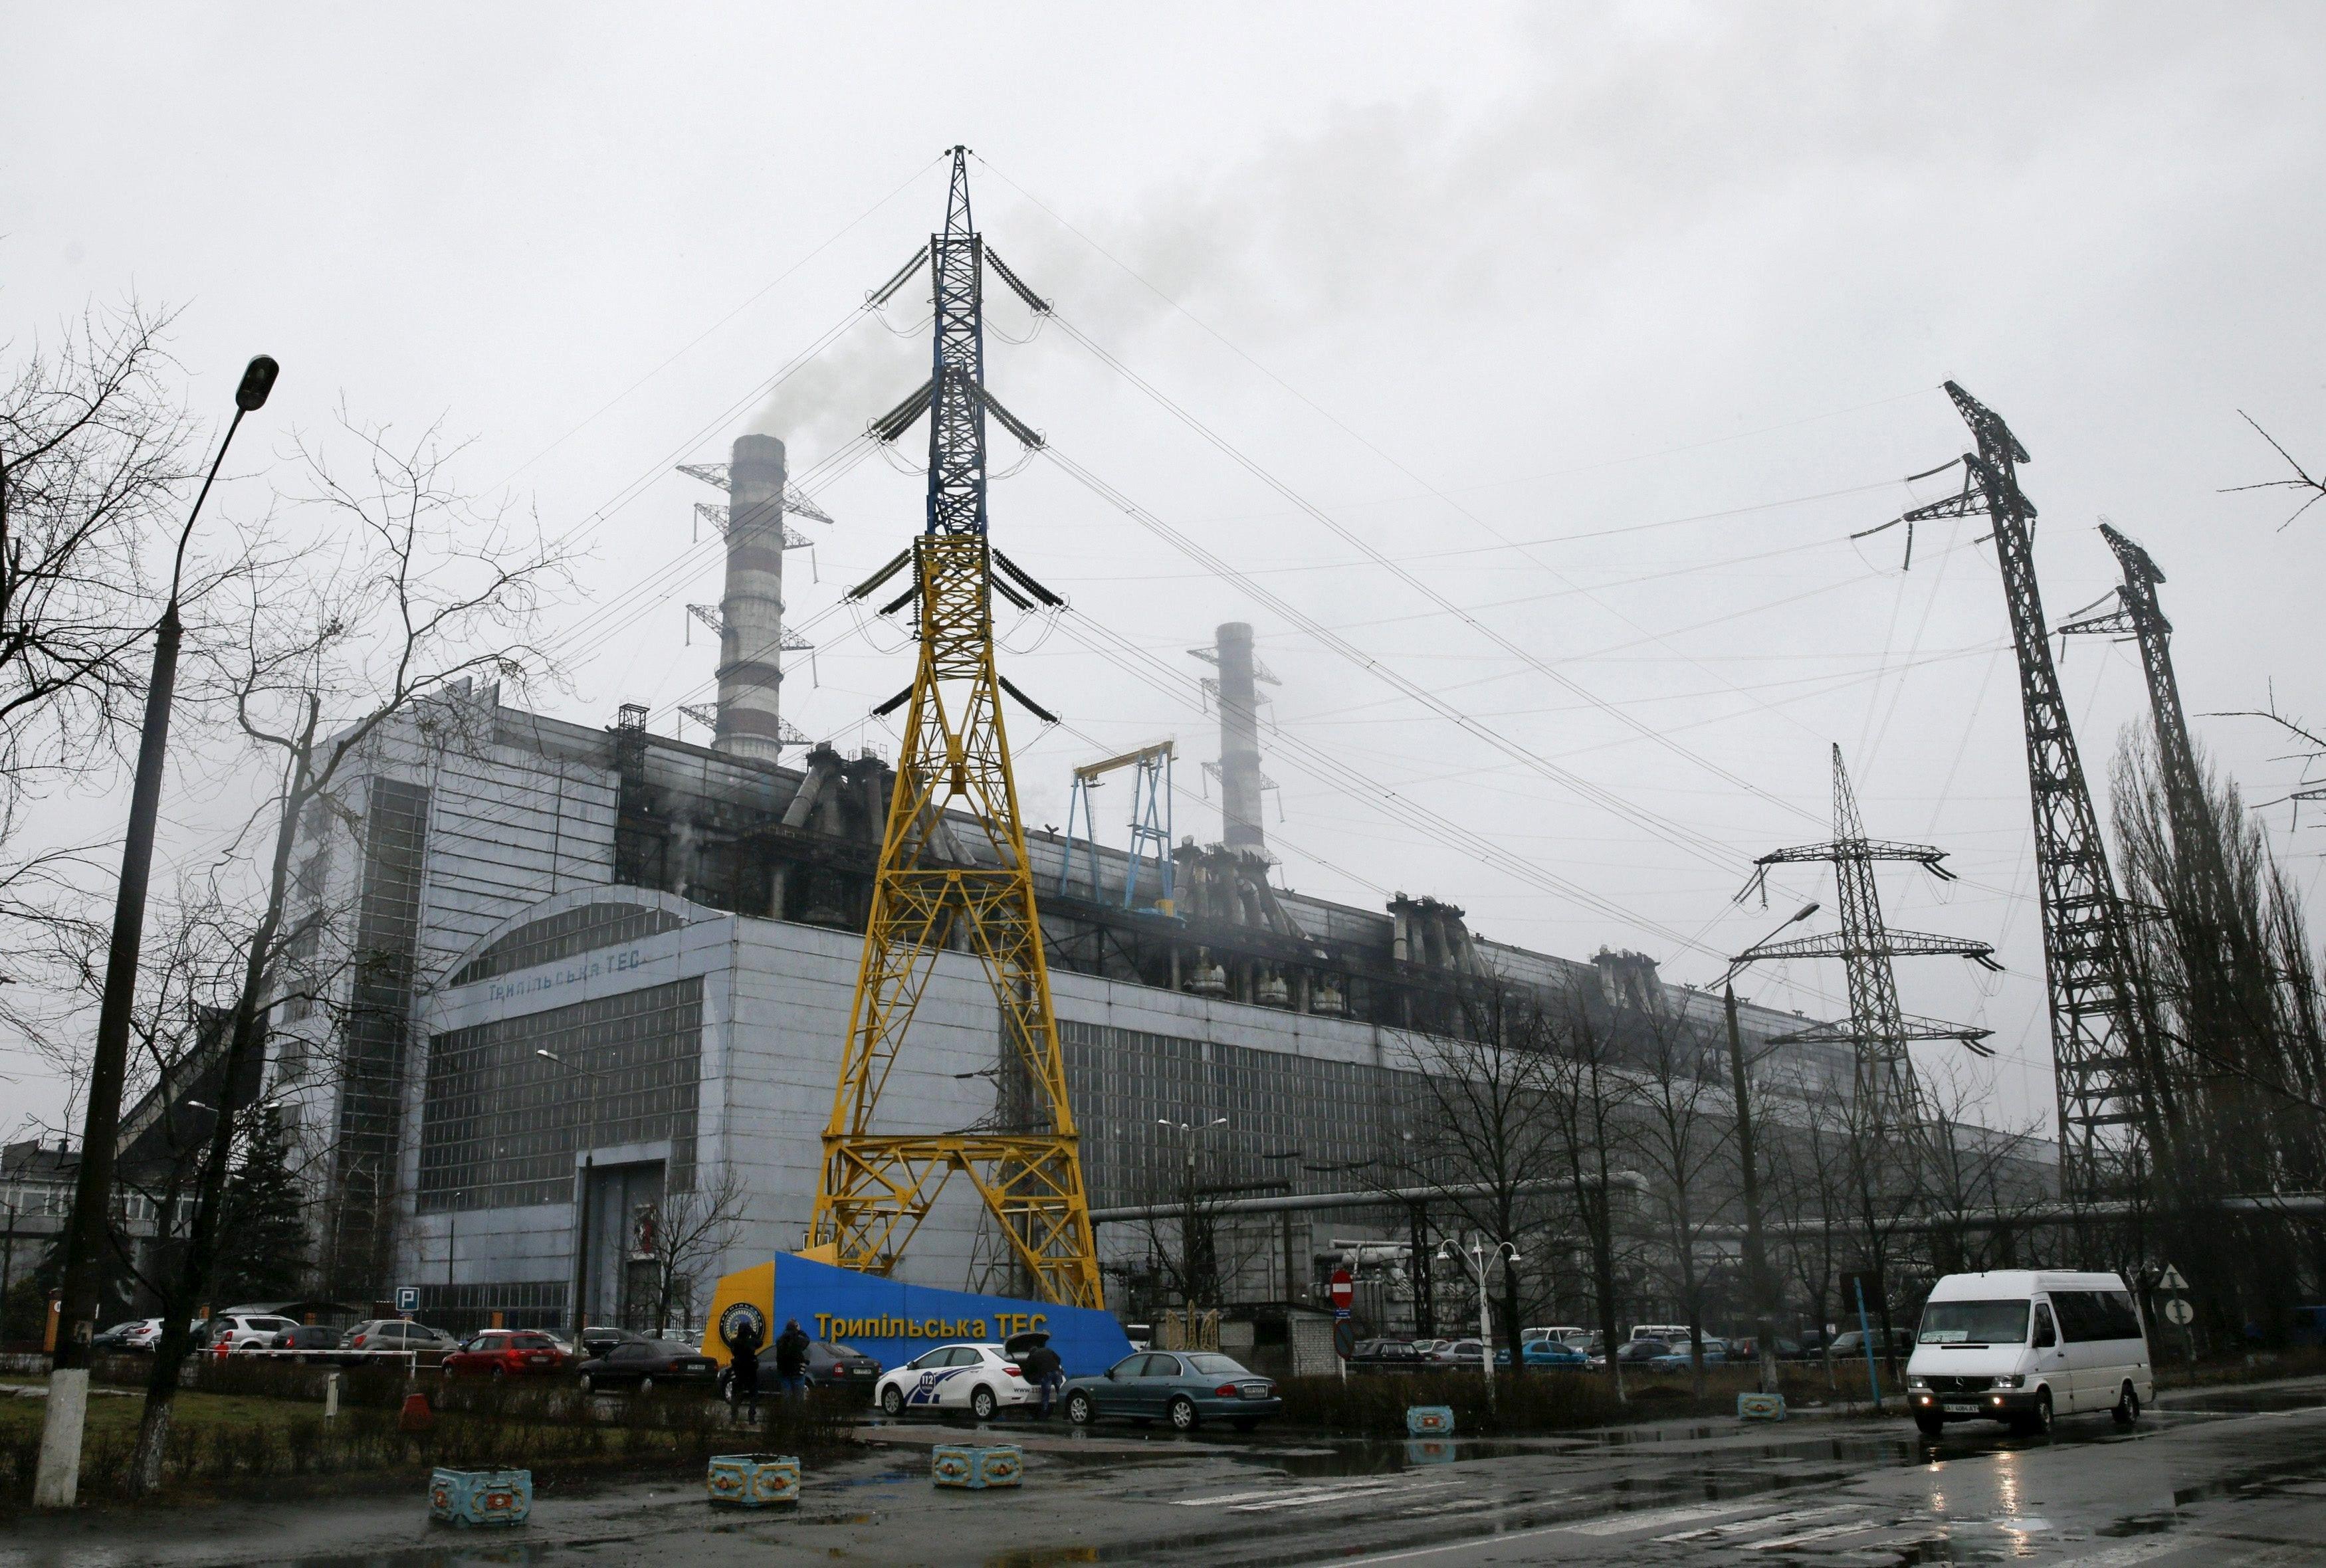 Запаси антрацитового вугілля на ТЕС скоротилися ще на 7%